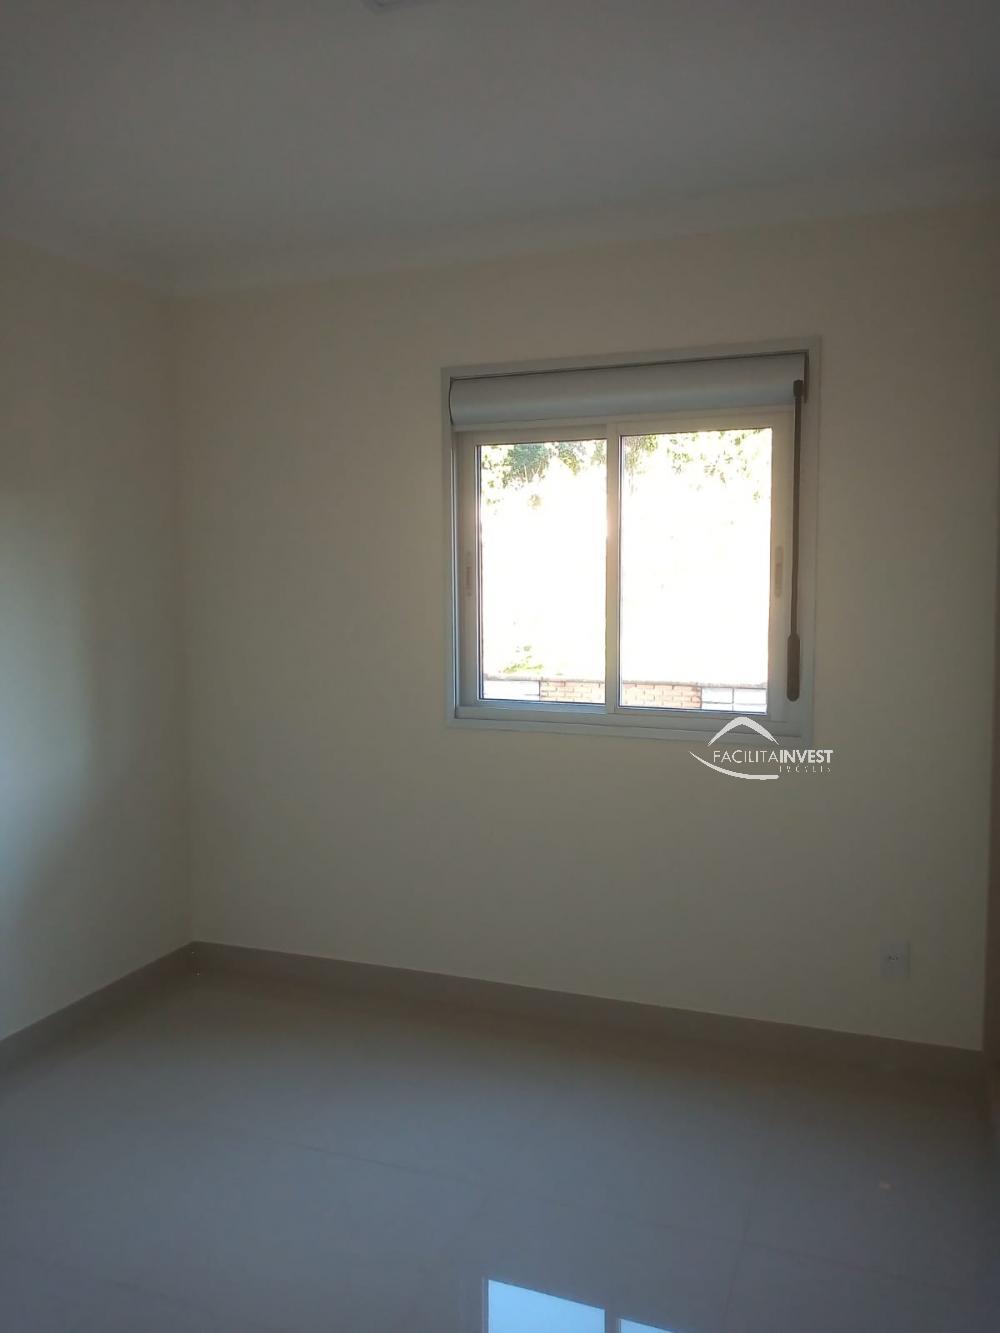 Alugar Apartamentos / Apart. Padrão em Ribeirão Preto R$ 3.500,00 - Foto 12